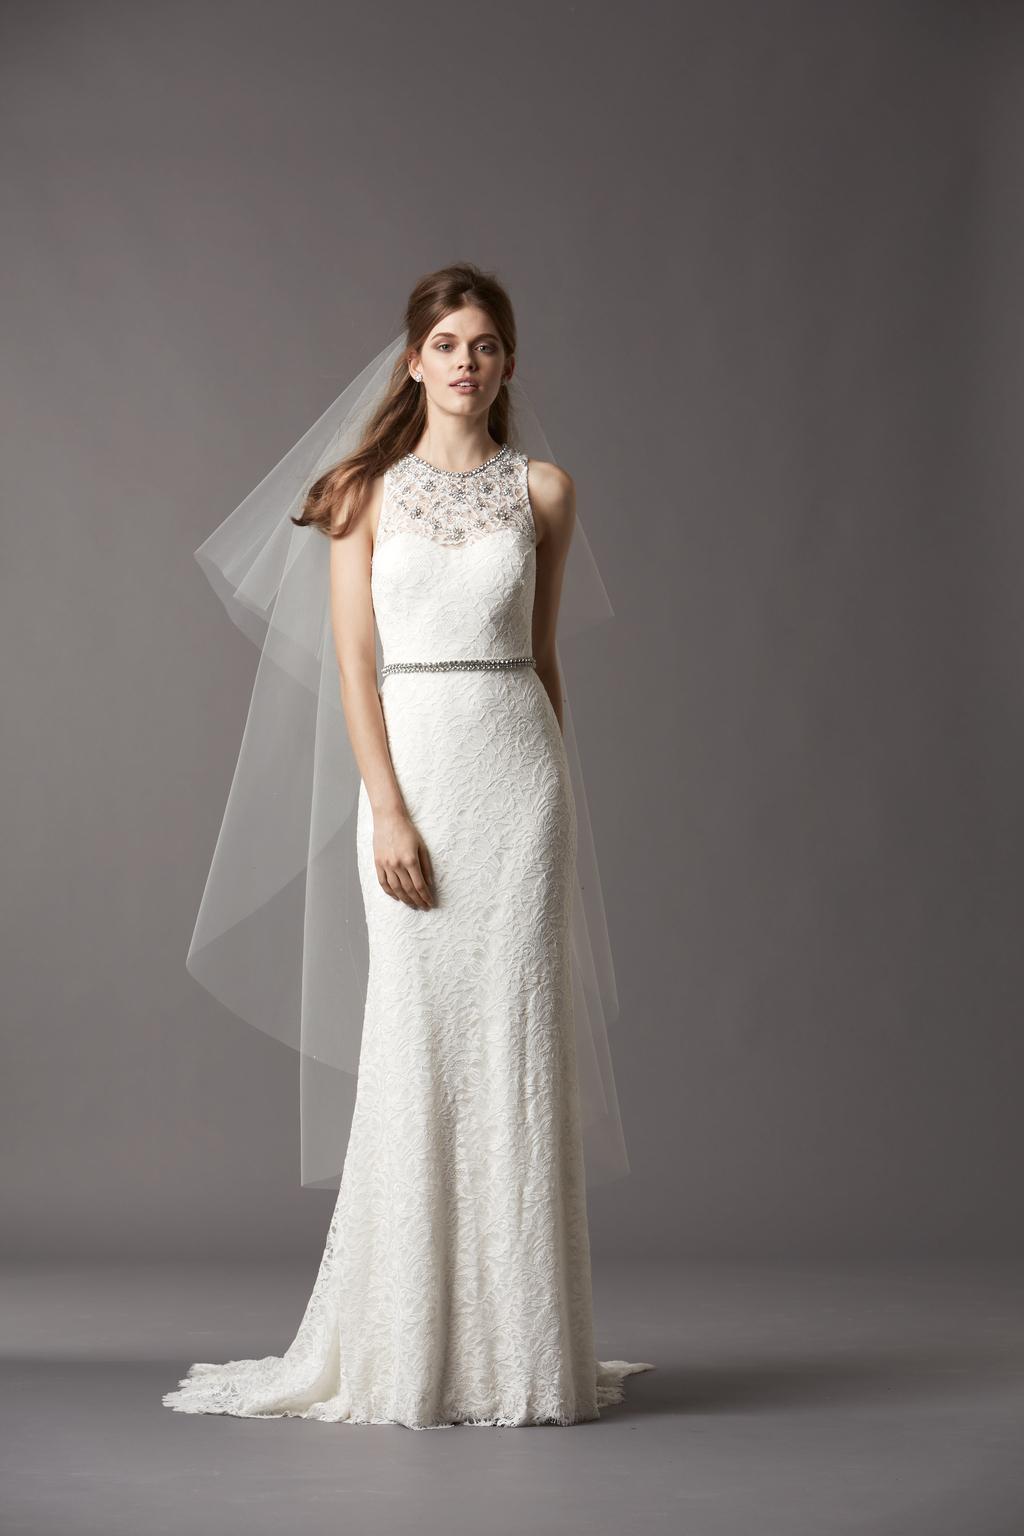 Watters-bridal-gowns-fall-2013-wedding-dress-4065b.full